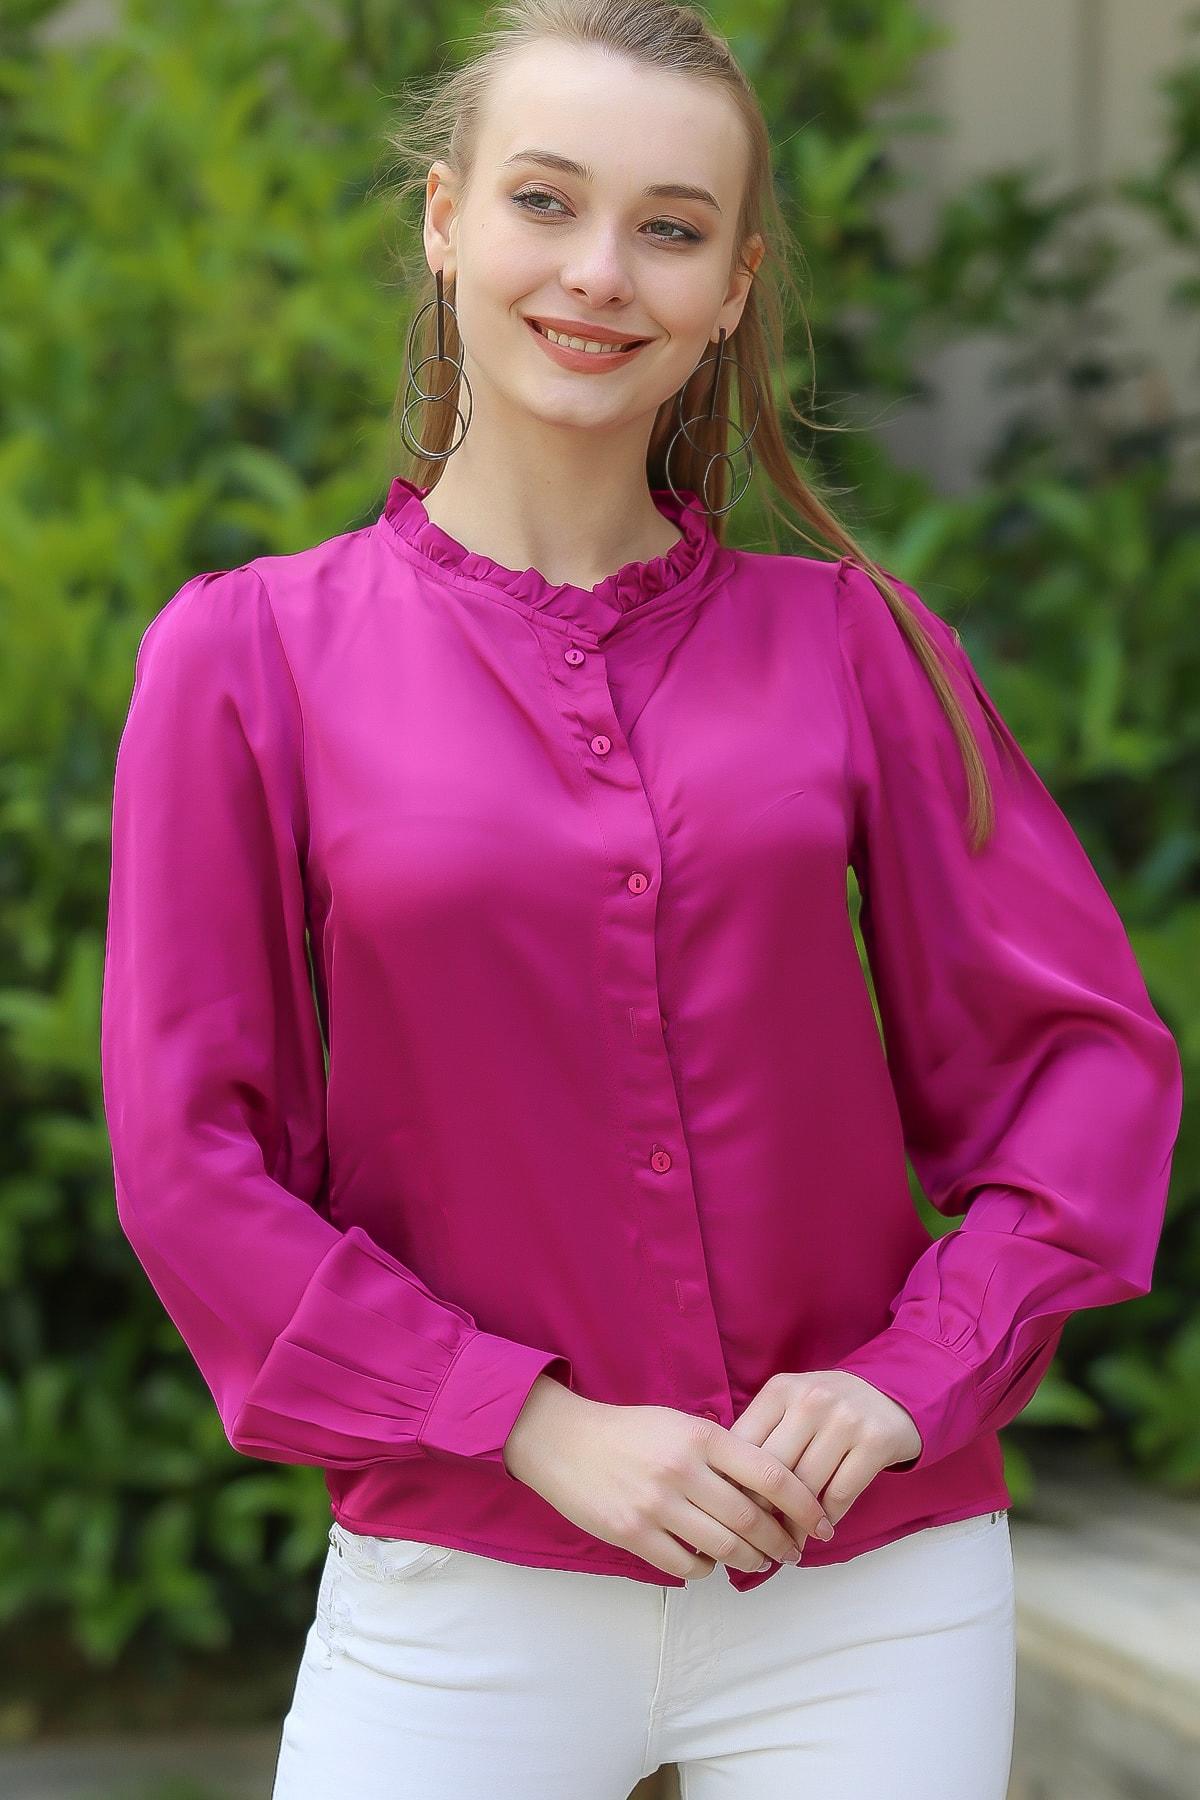 Chiccy Kadın Fuşya Retro Yakası Fırfır Detaylı Gömlek M10010400Gm99546